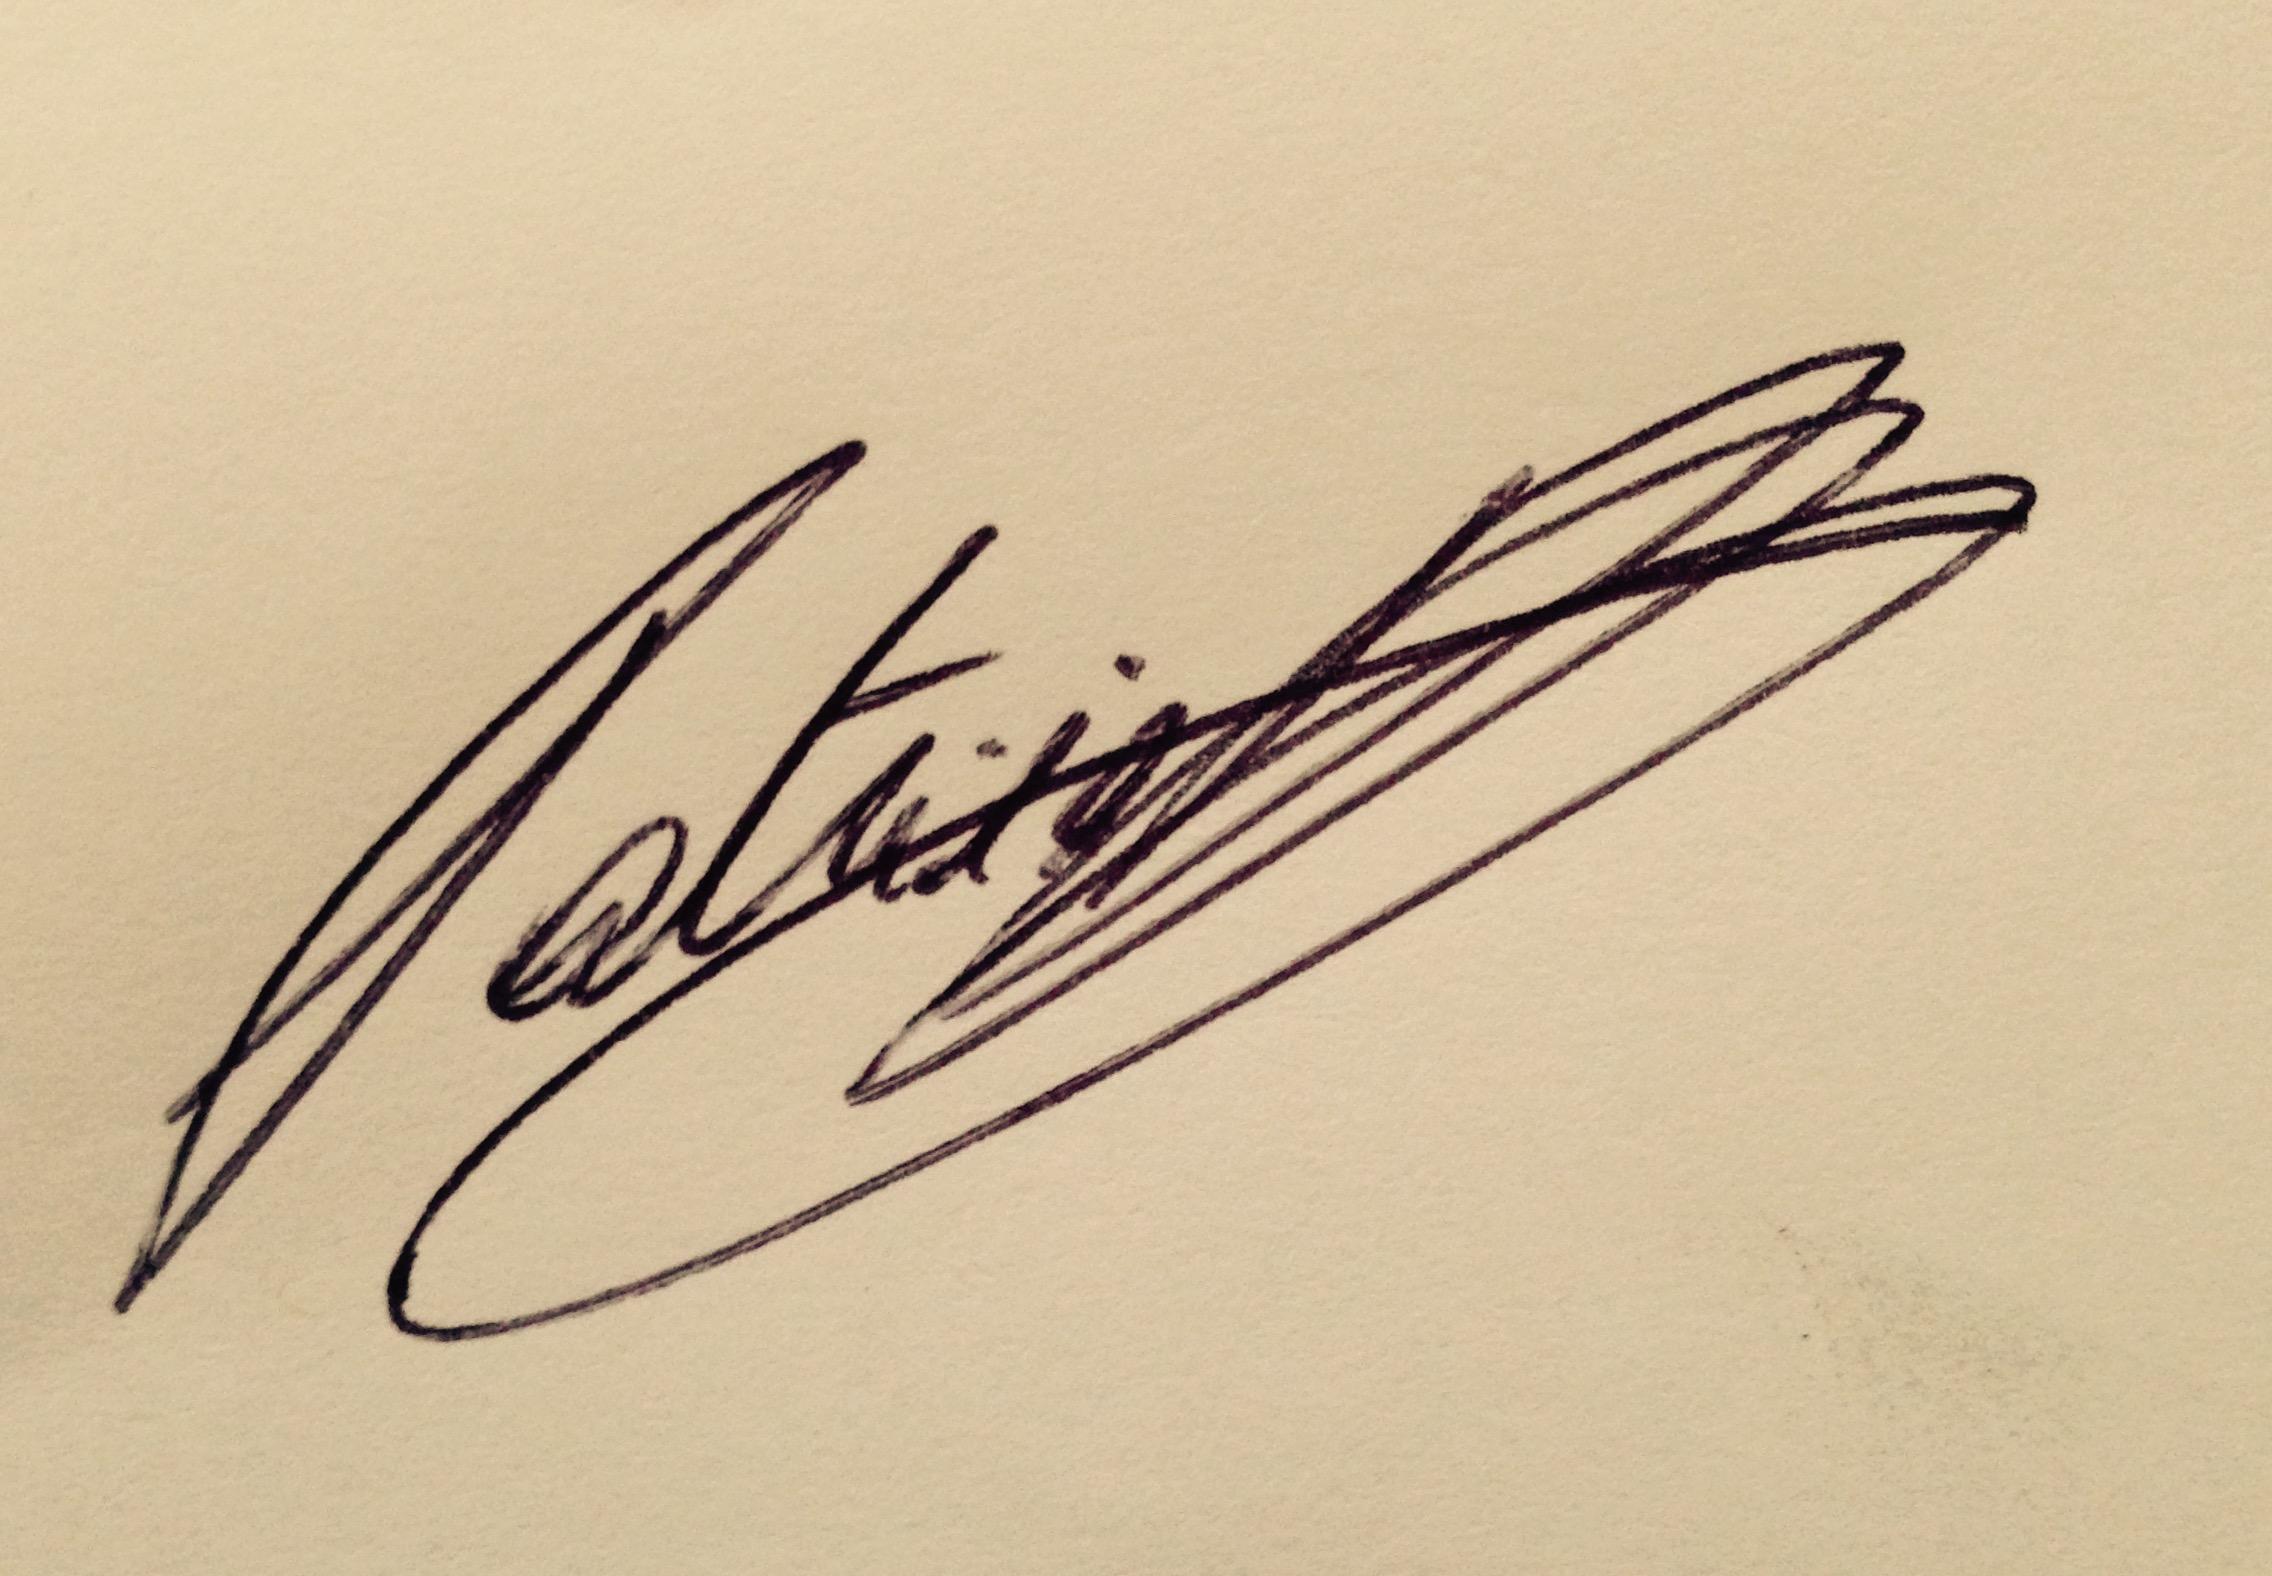 Patricia Hoyos de Schryver Signature